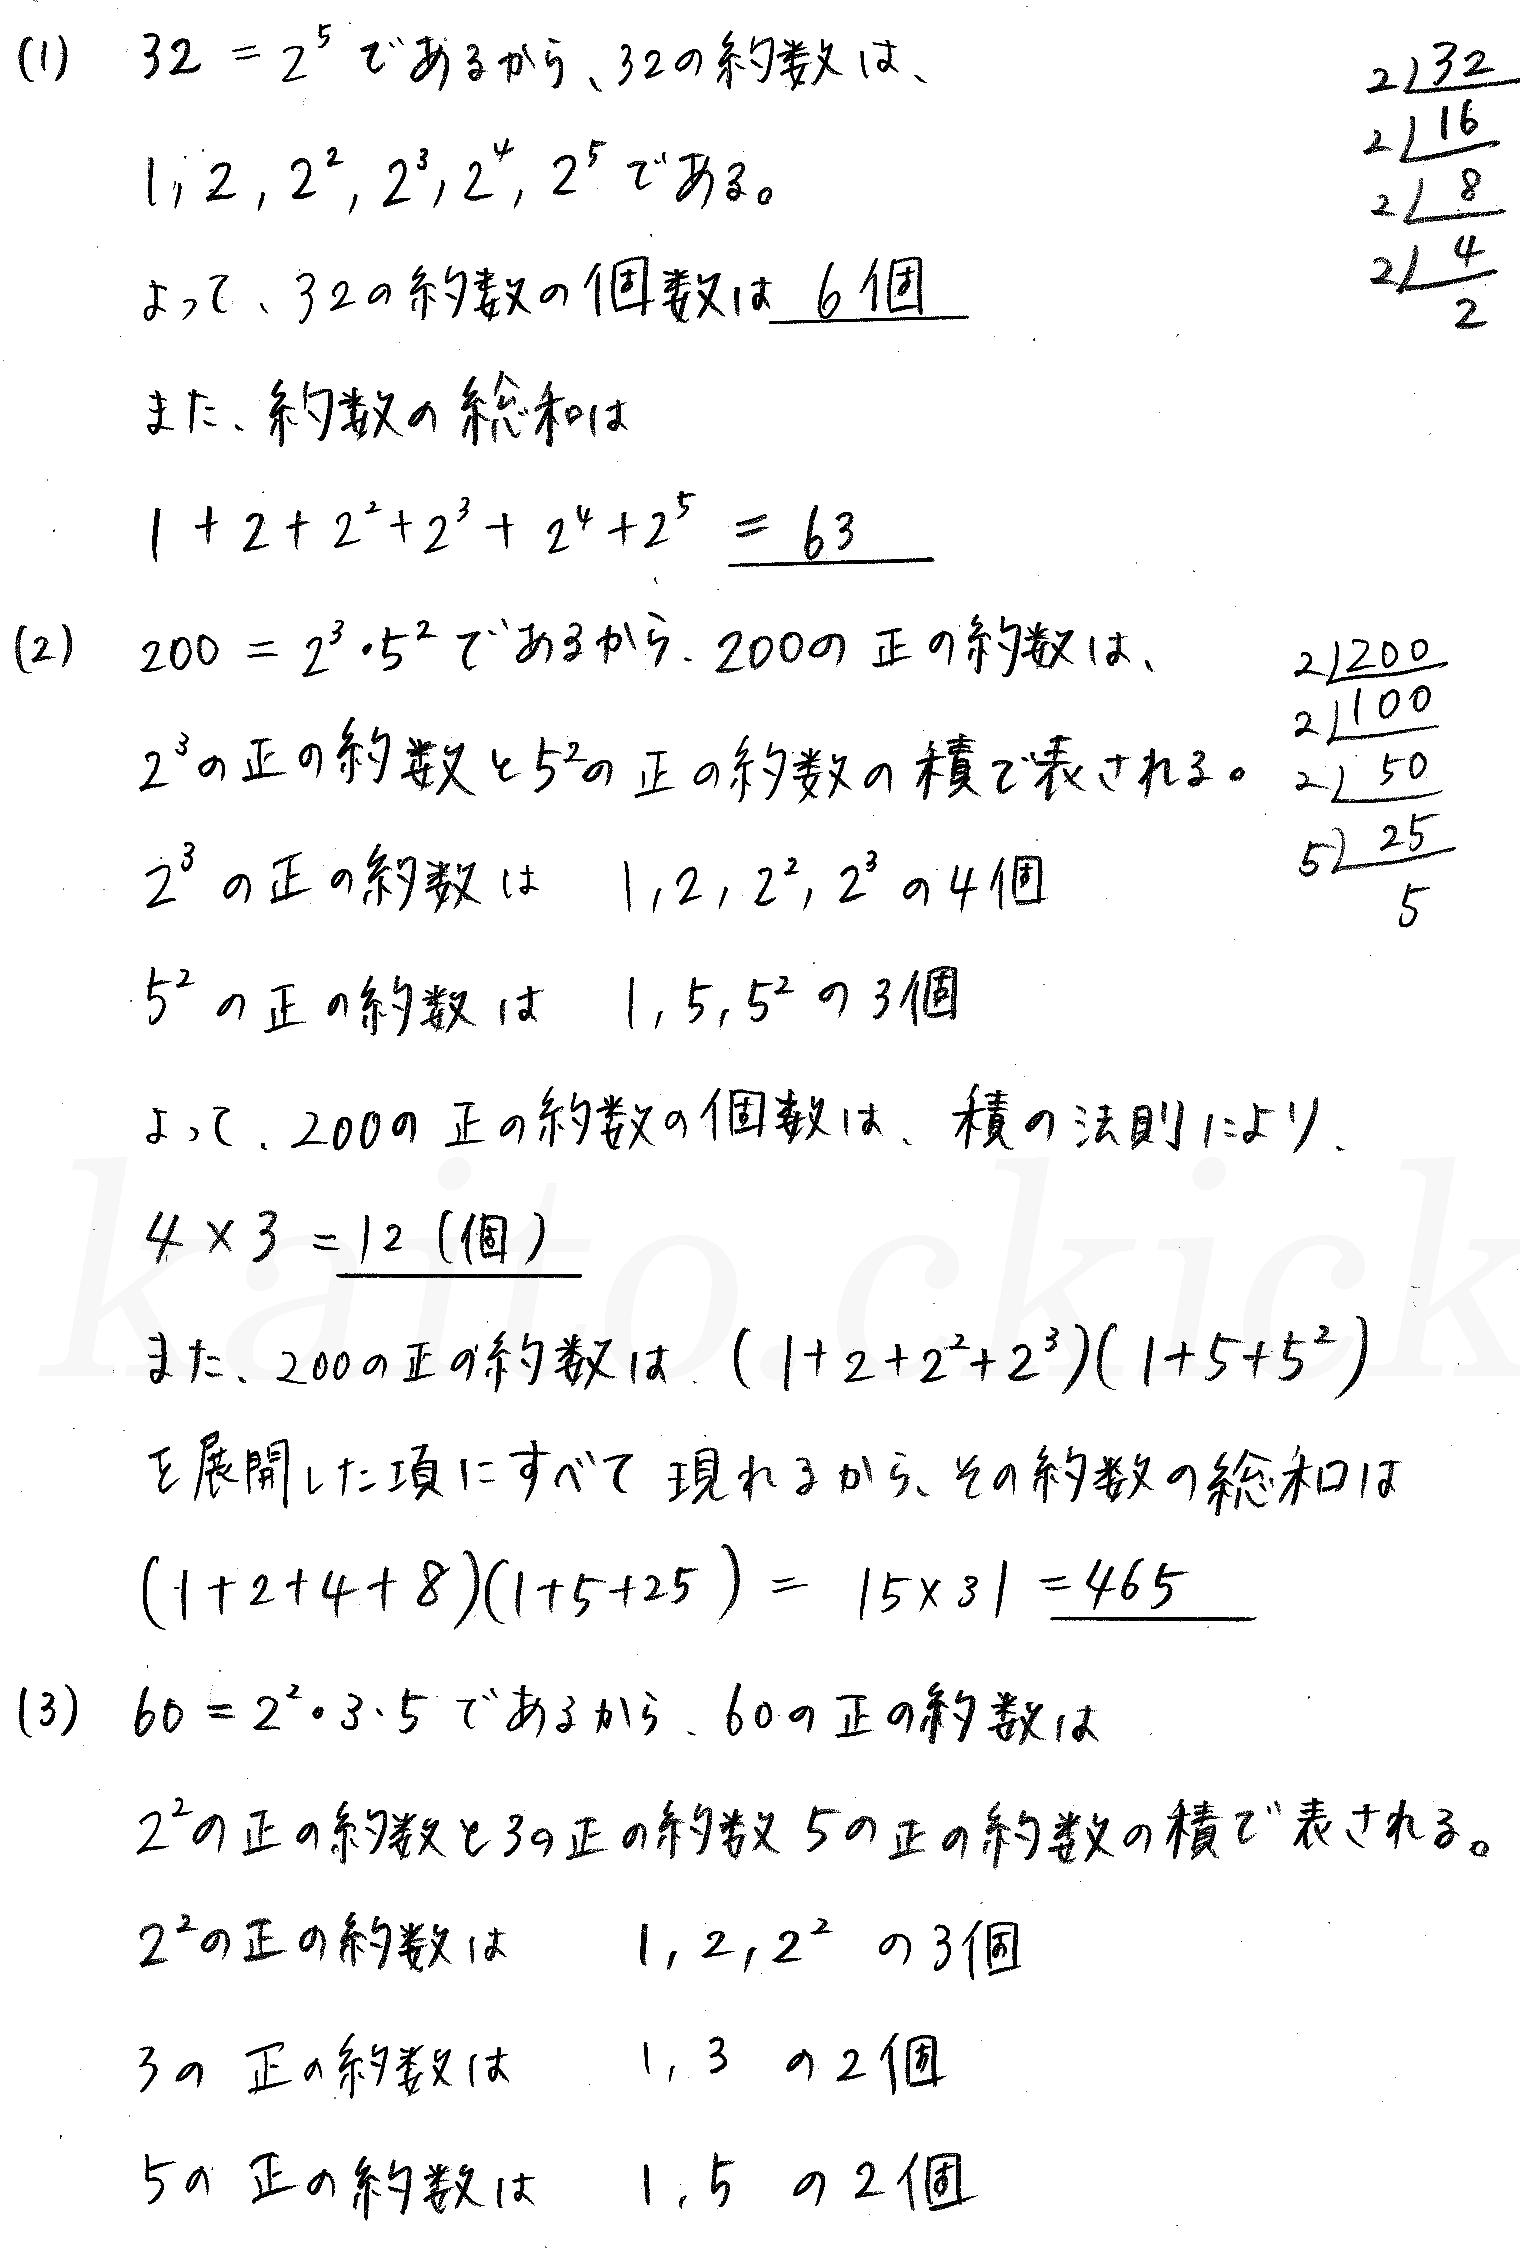 クリアー数学A-32解答